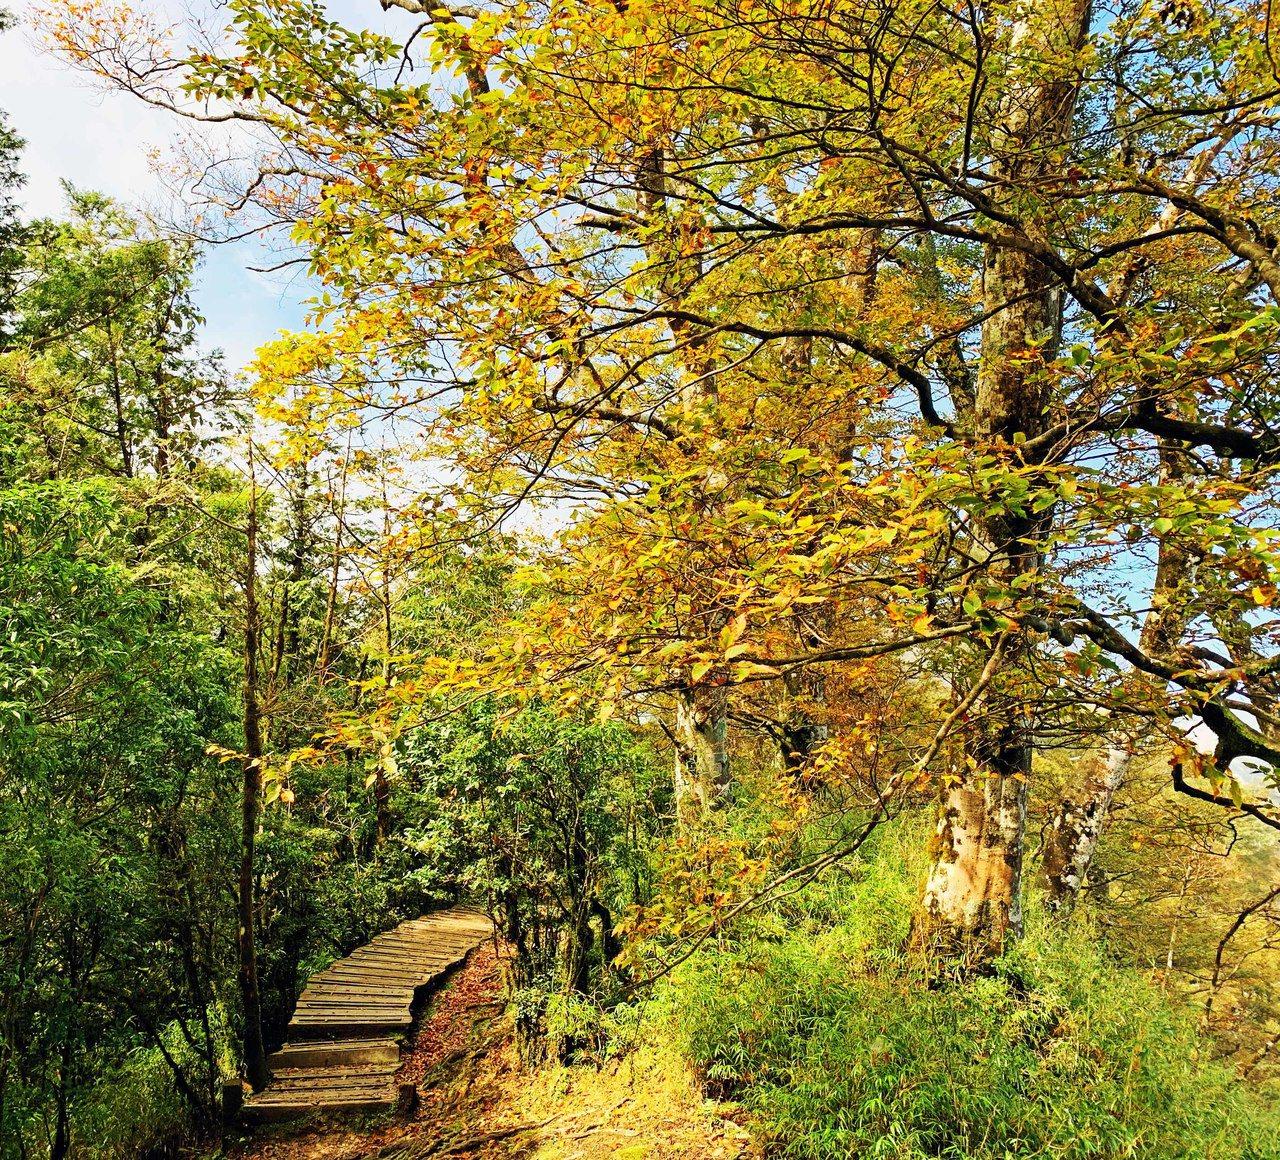 太平山山毛櫸綠葉轉金黃,漂亮又詩意。圖/林務局羅東林區管理處提供